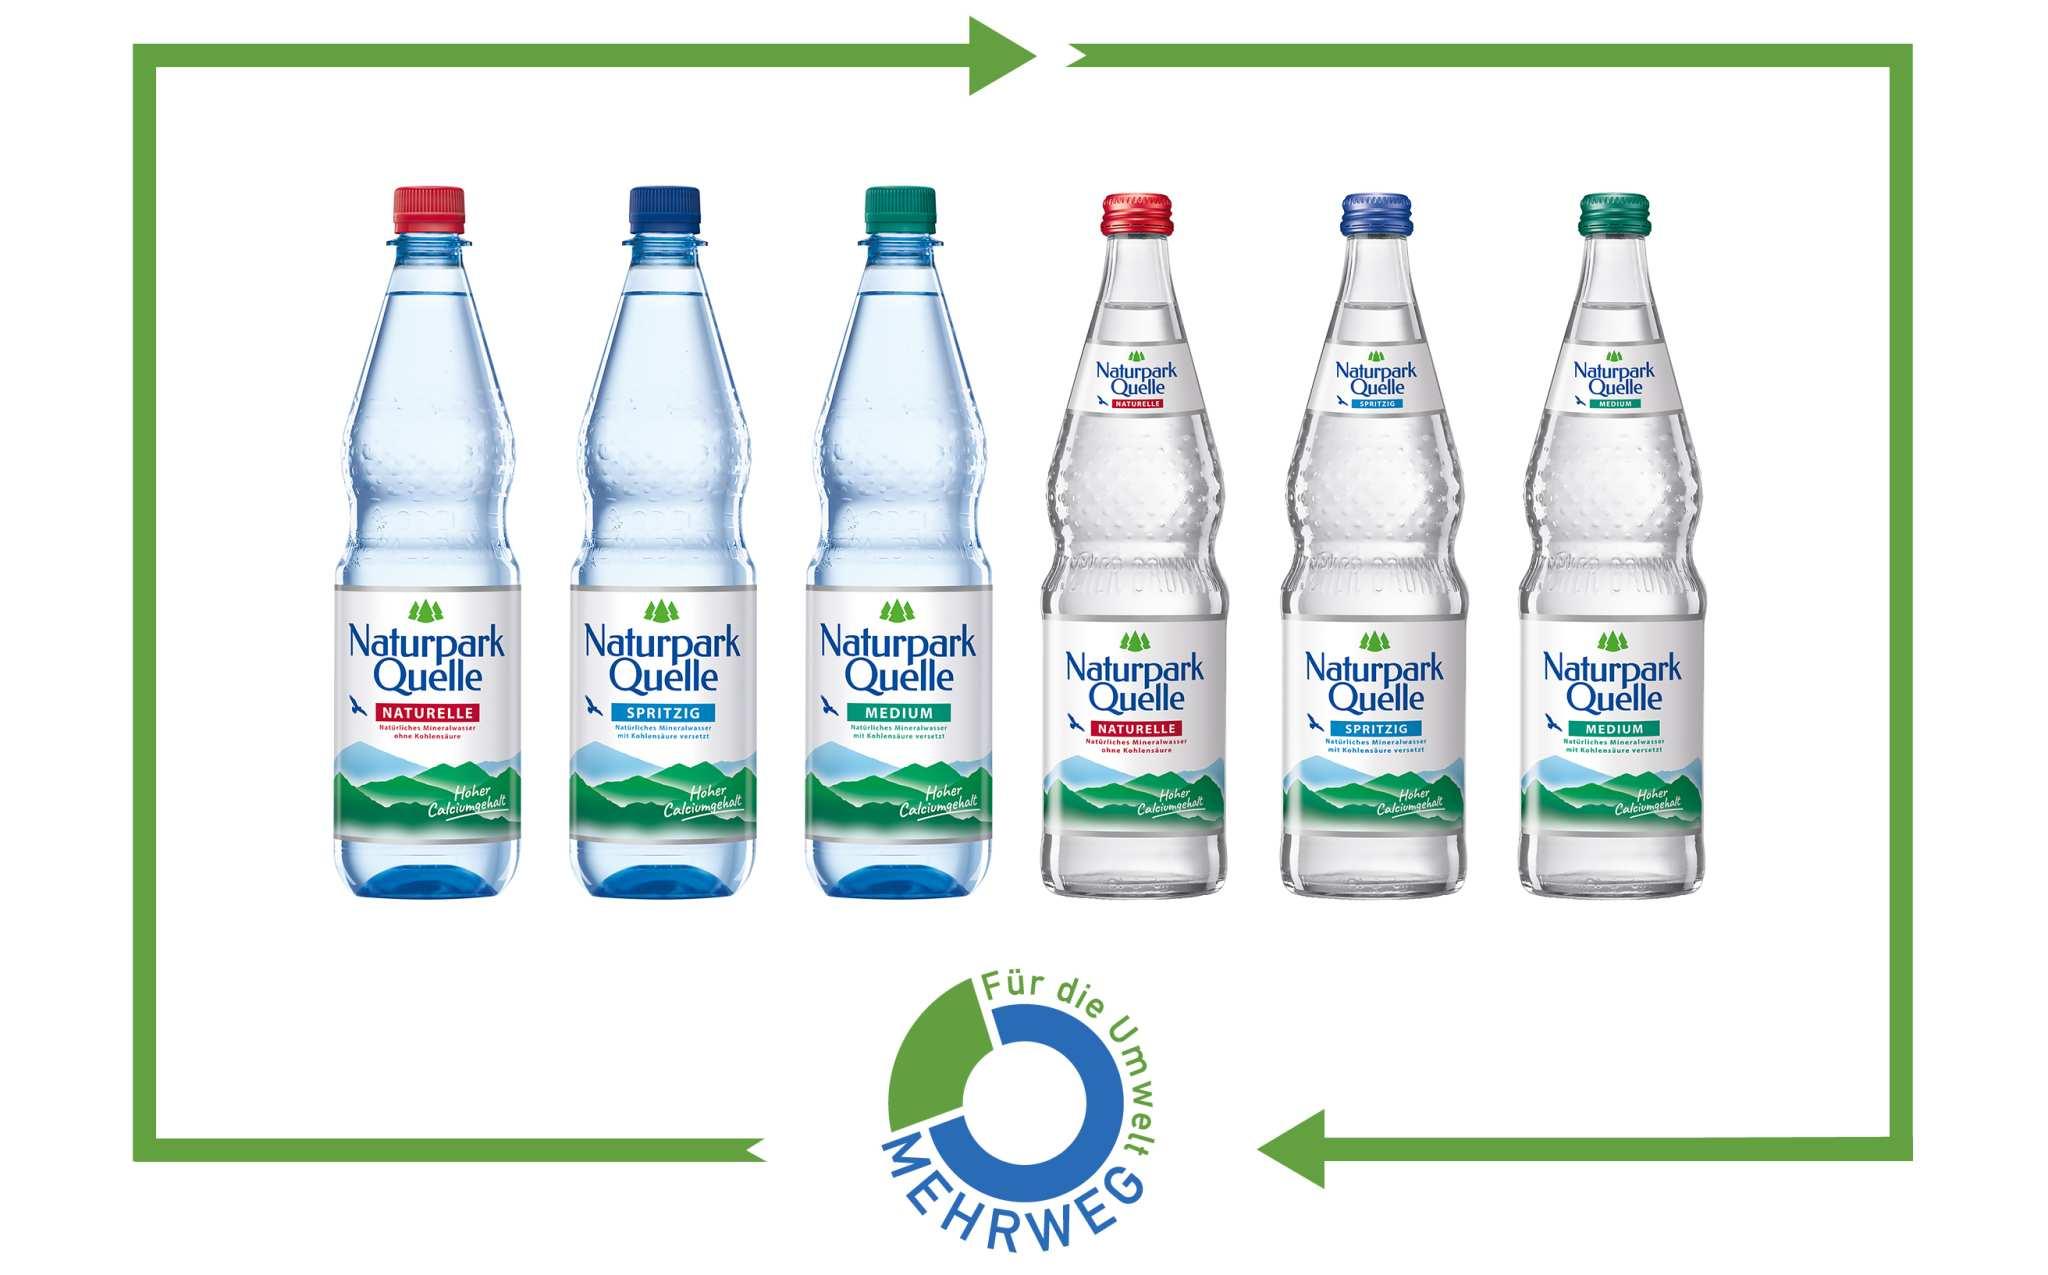 Recycling NPQ